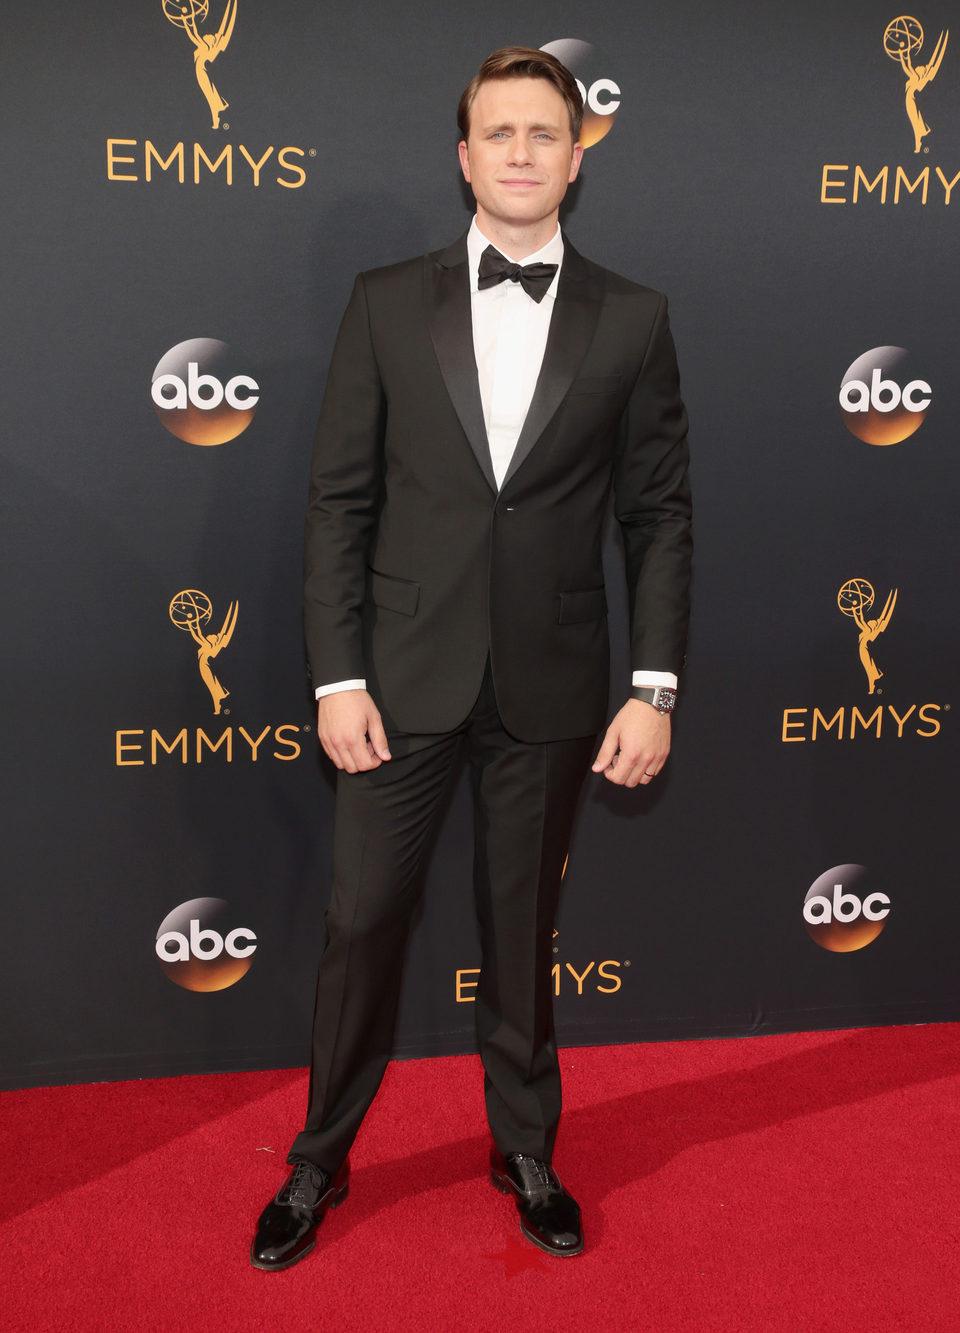 Martin Wallstrom en la alfombra roja de los Emmy 2016